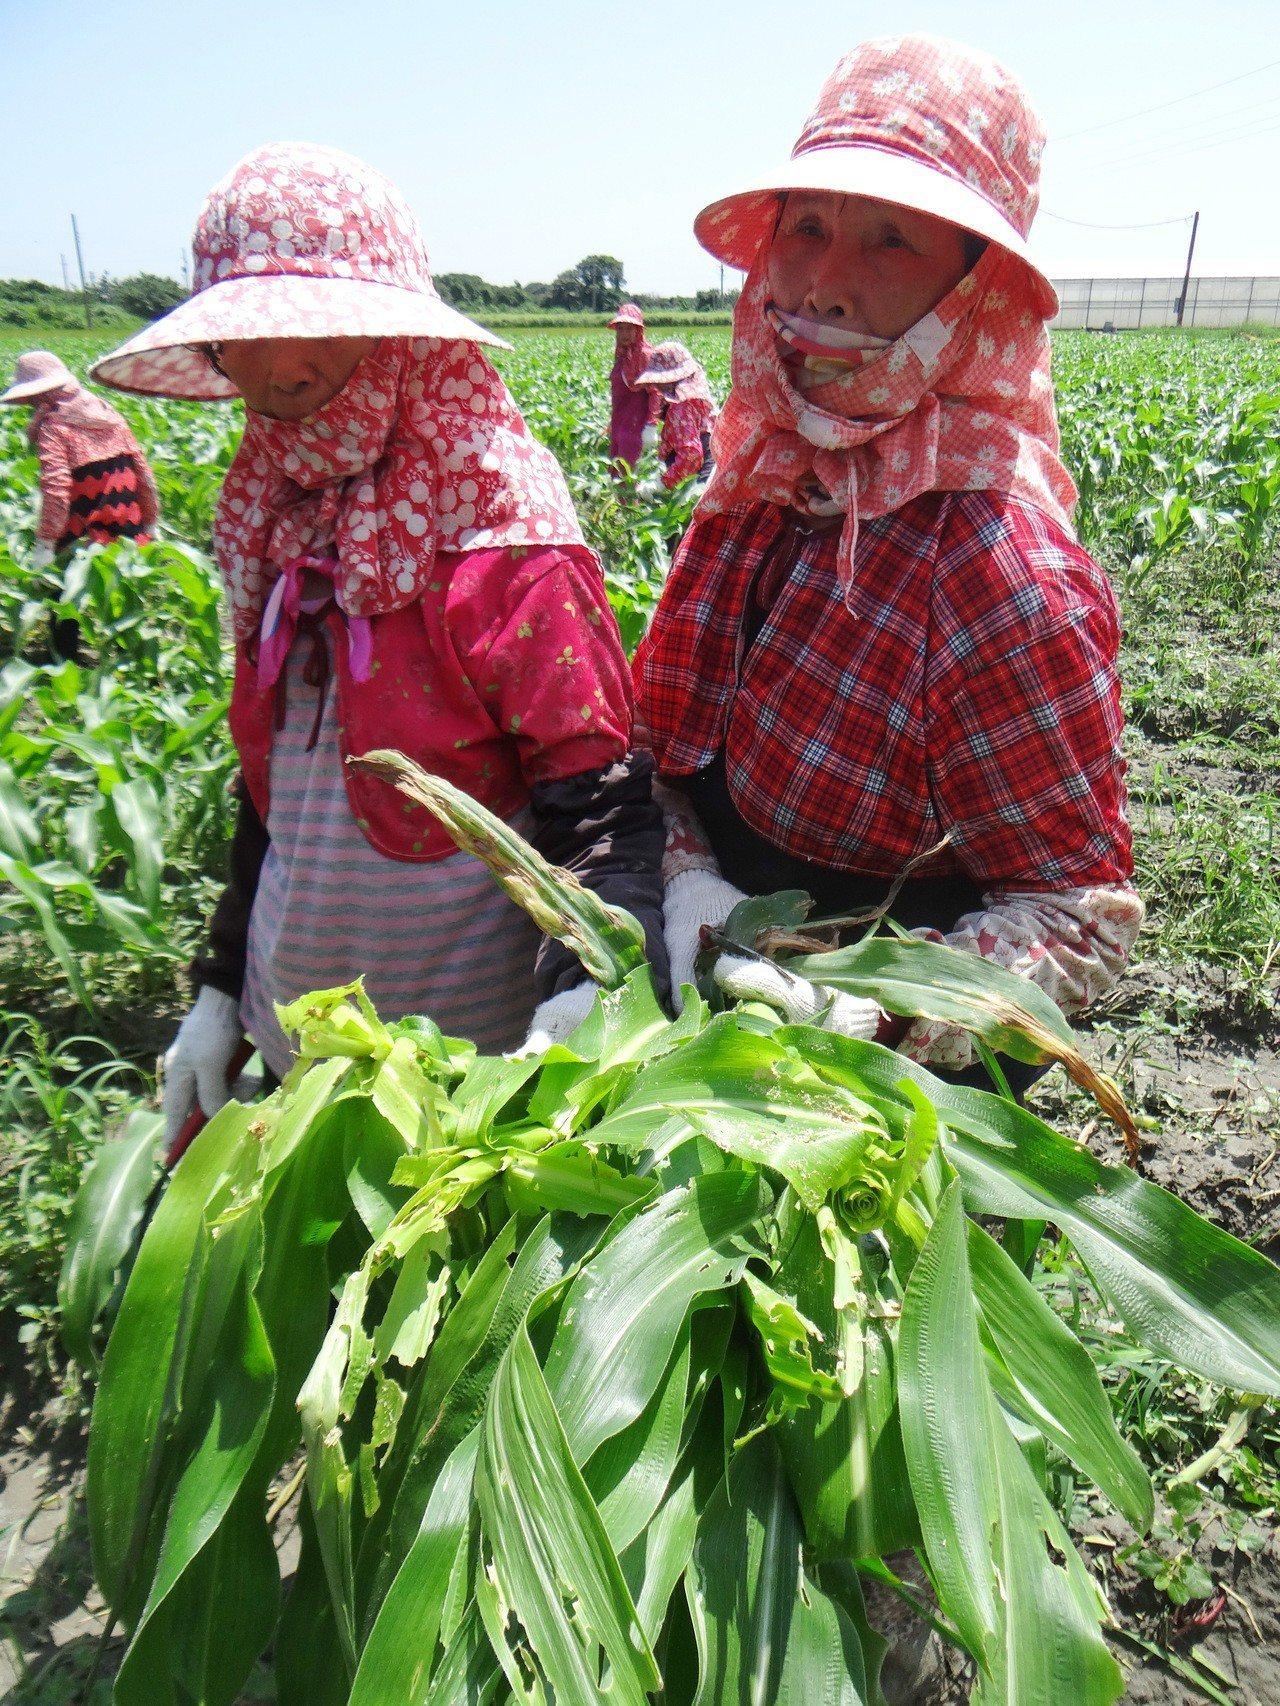 農民割起的玉米,葉心全被啃光,直說這種蟲太可怕了。記者蔡維斌/攝影